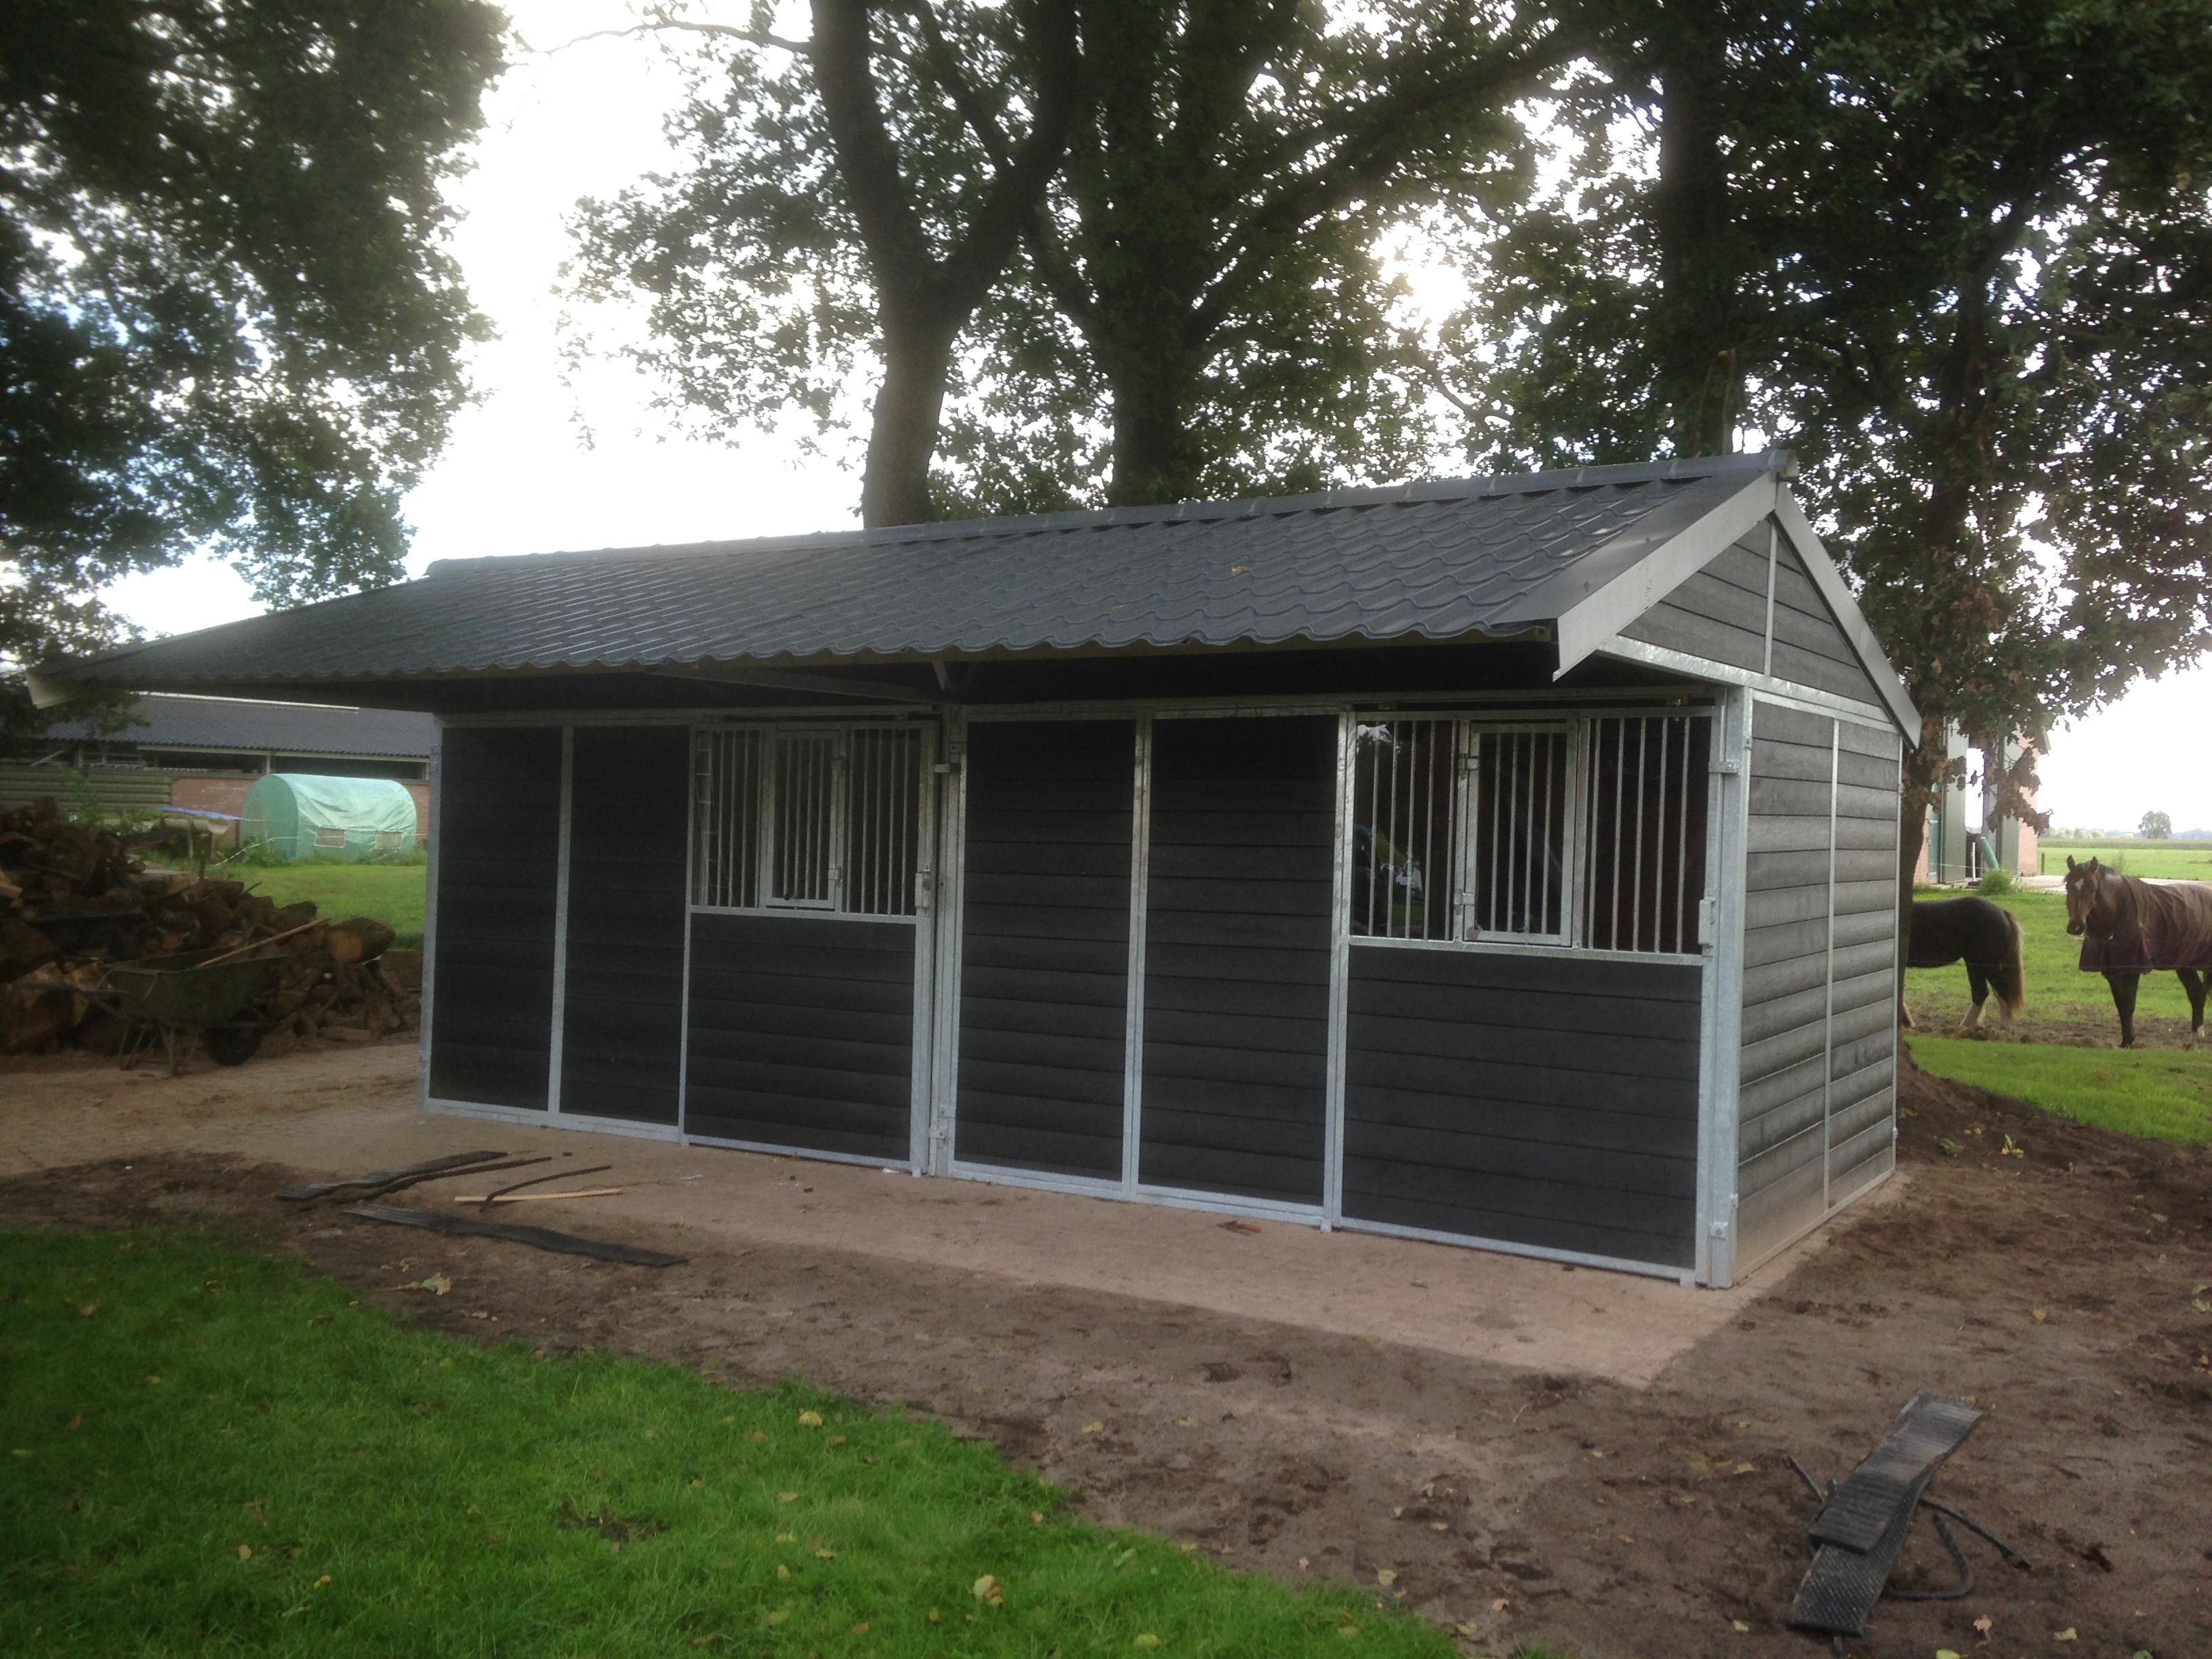 Stal constructiebedrijf dekker buitenstallen for Huis paardenstallen te koop